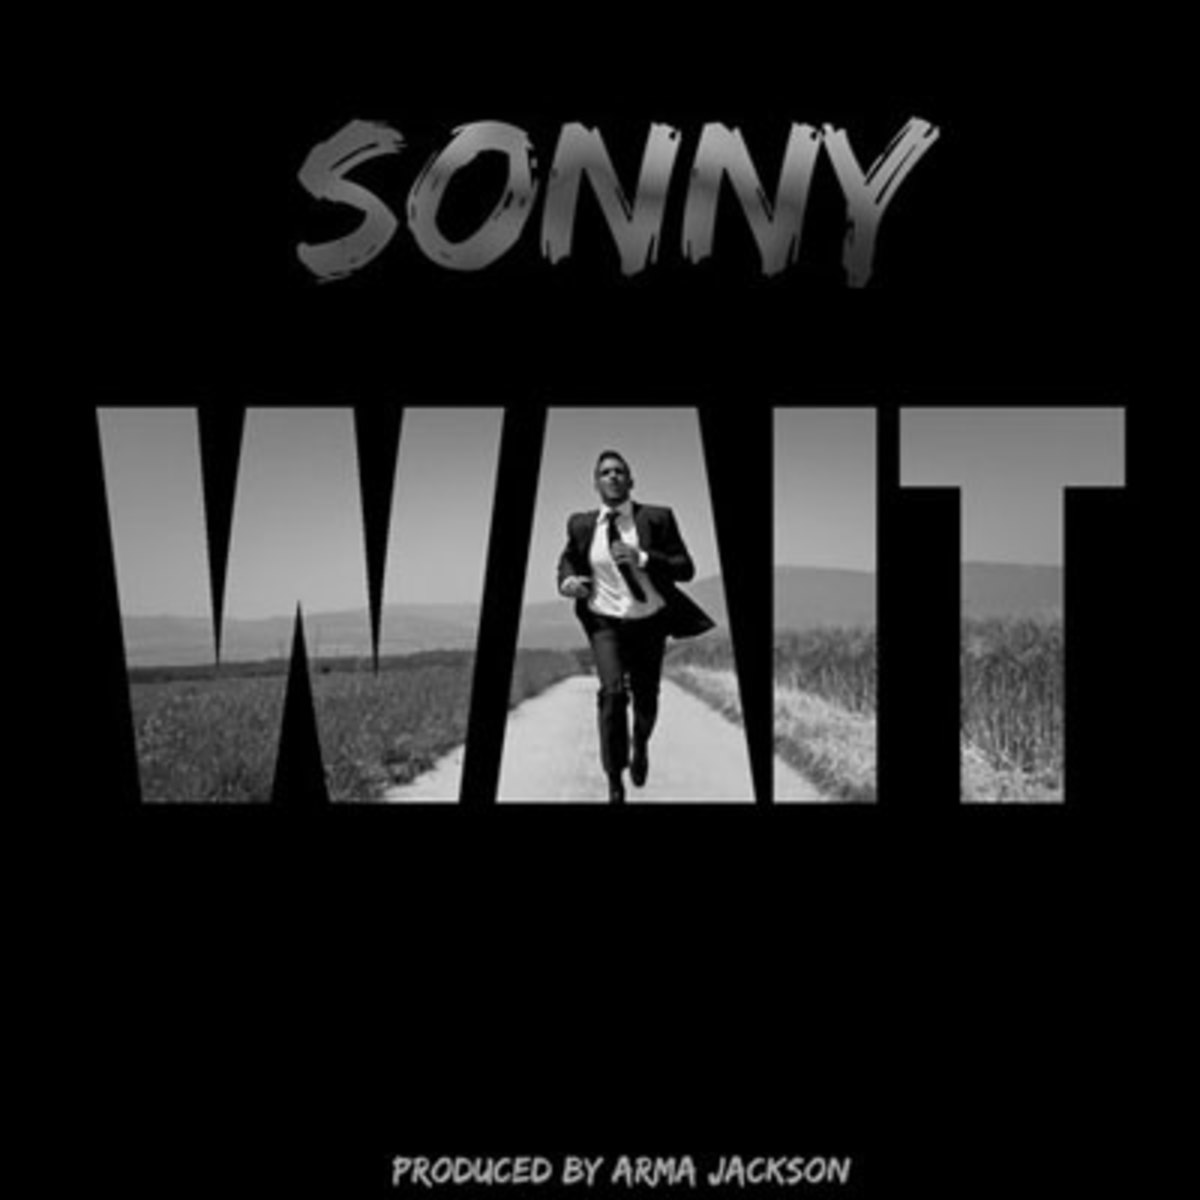 sonny-wait.jpg